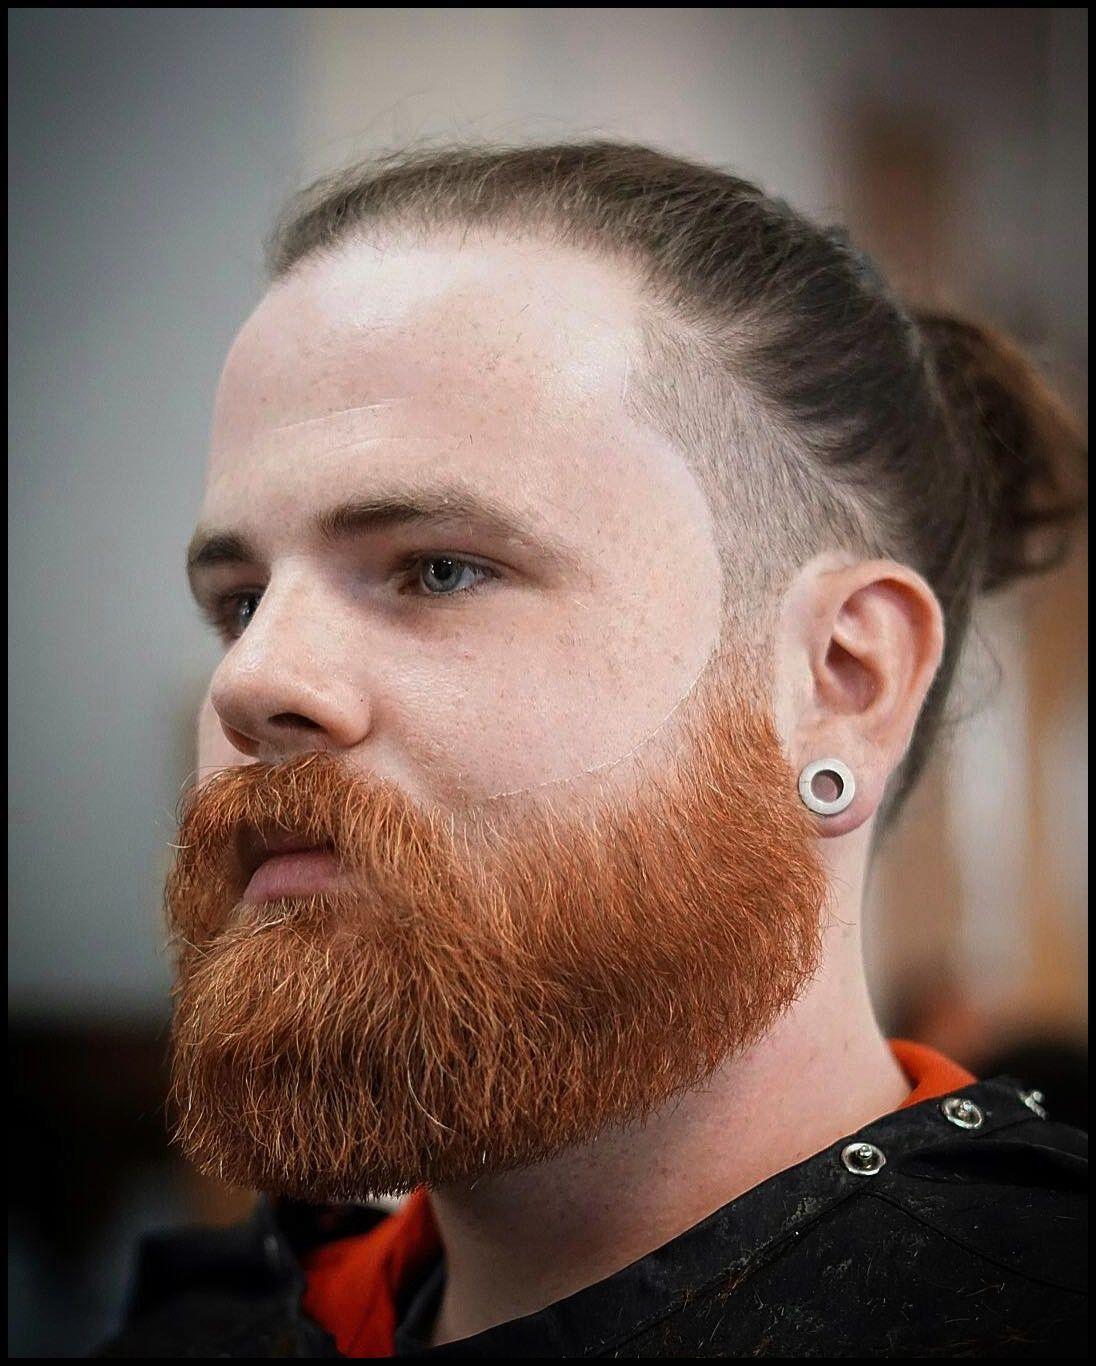 45 Coole Manner Frisuren Coole Frisuren Manner Long Hairstyles